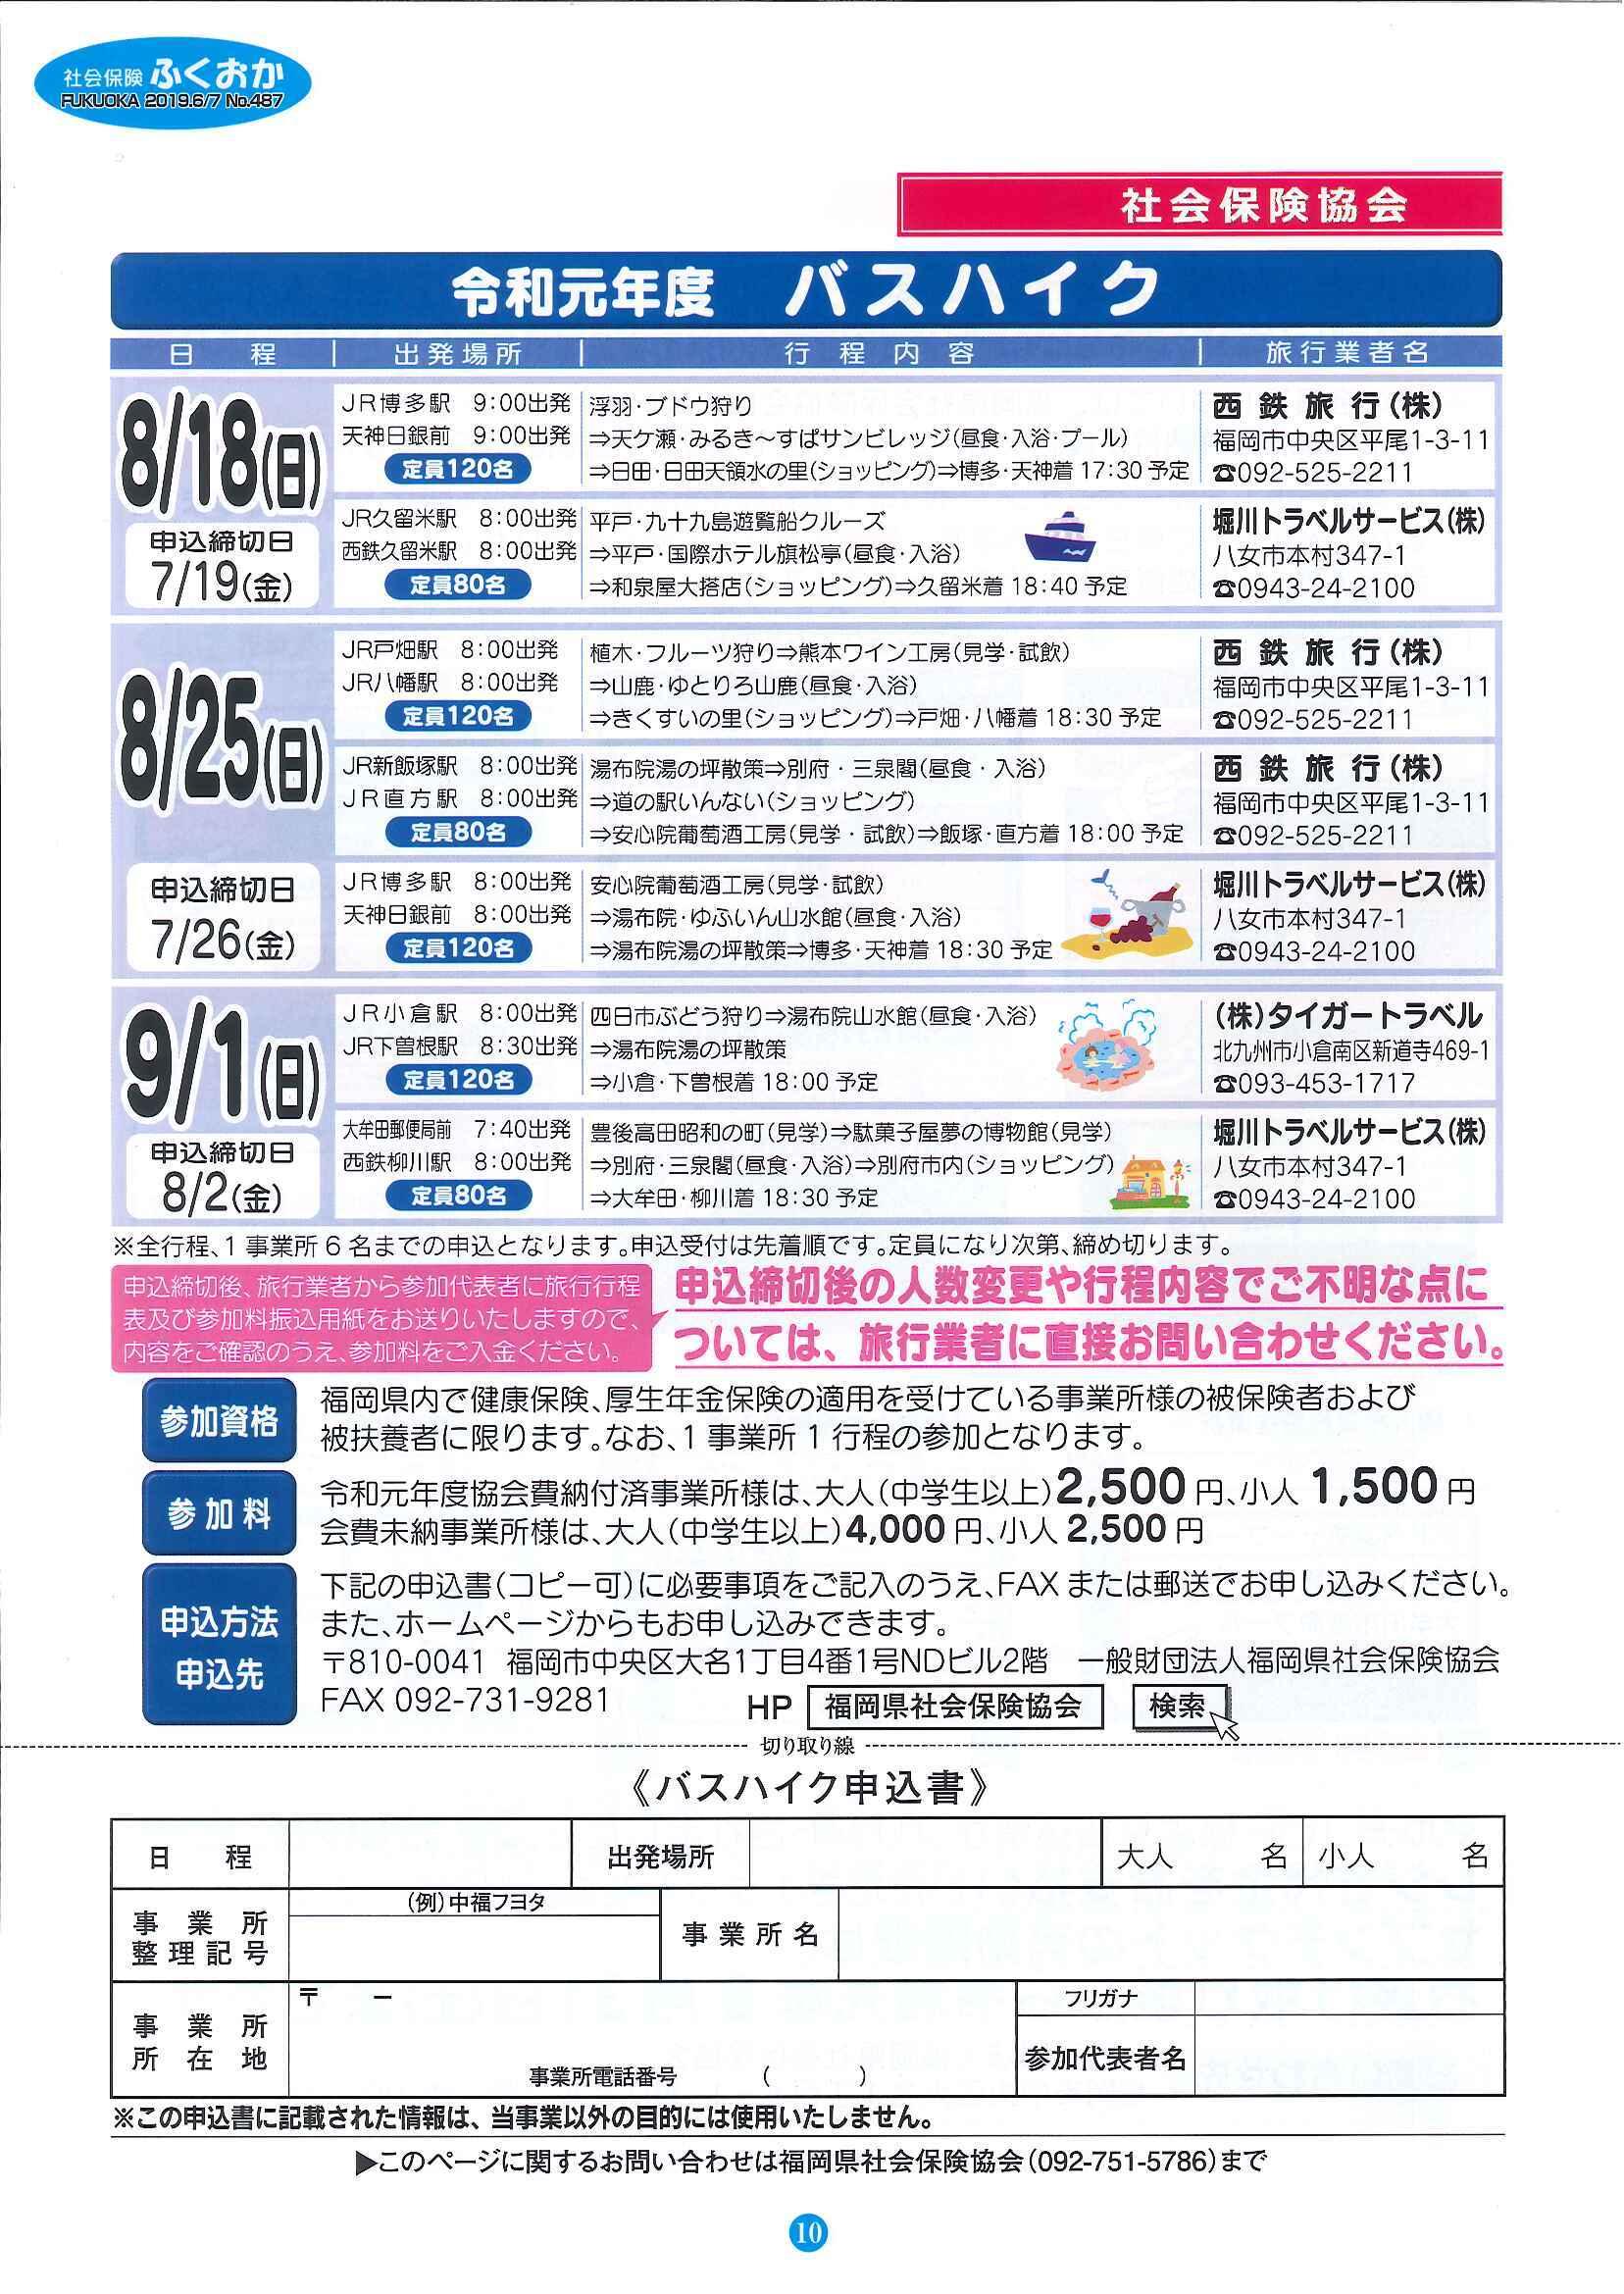 社会保険「ふくおか」2019年6・7月号_f0120774_11205005.jpg